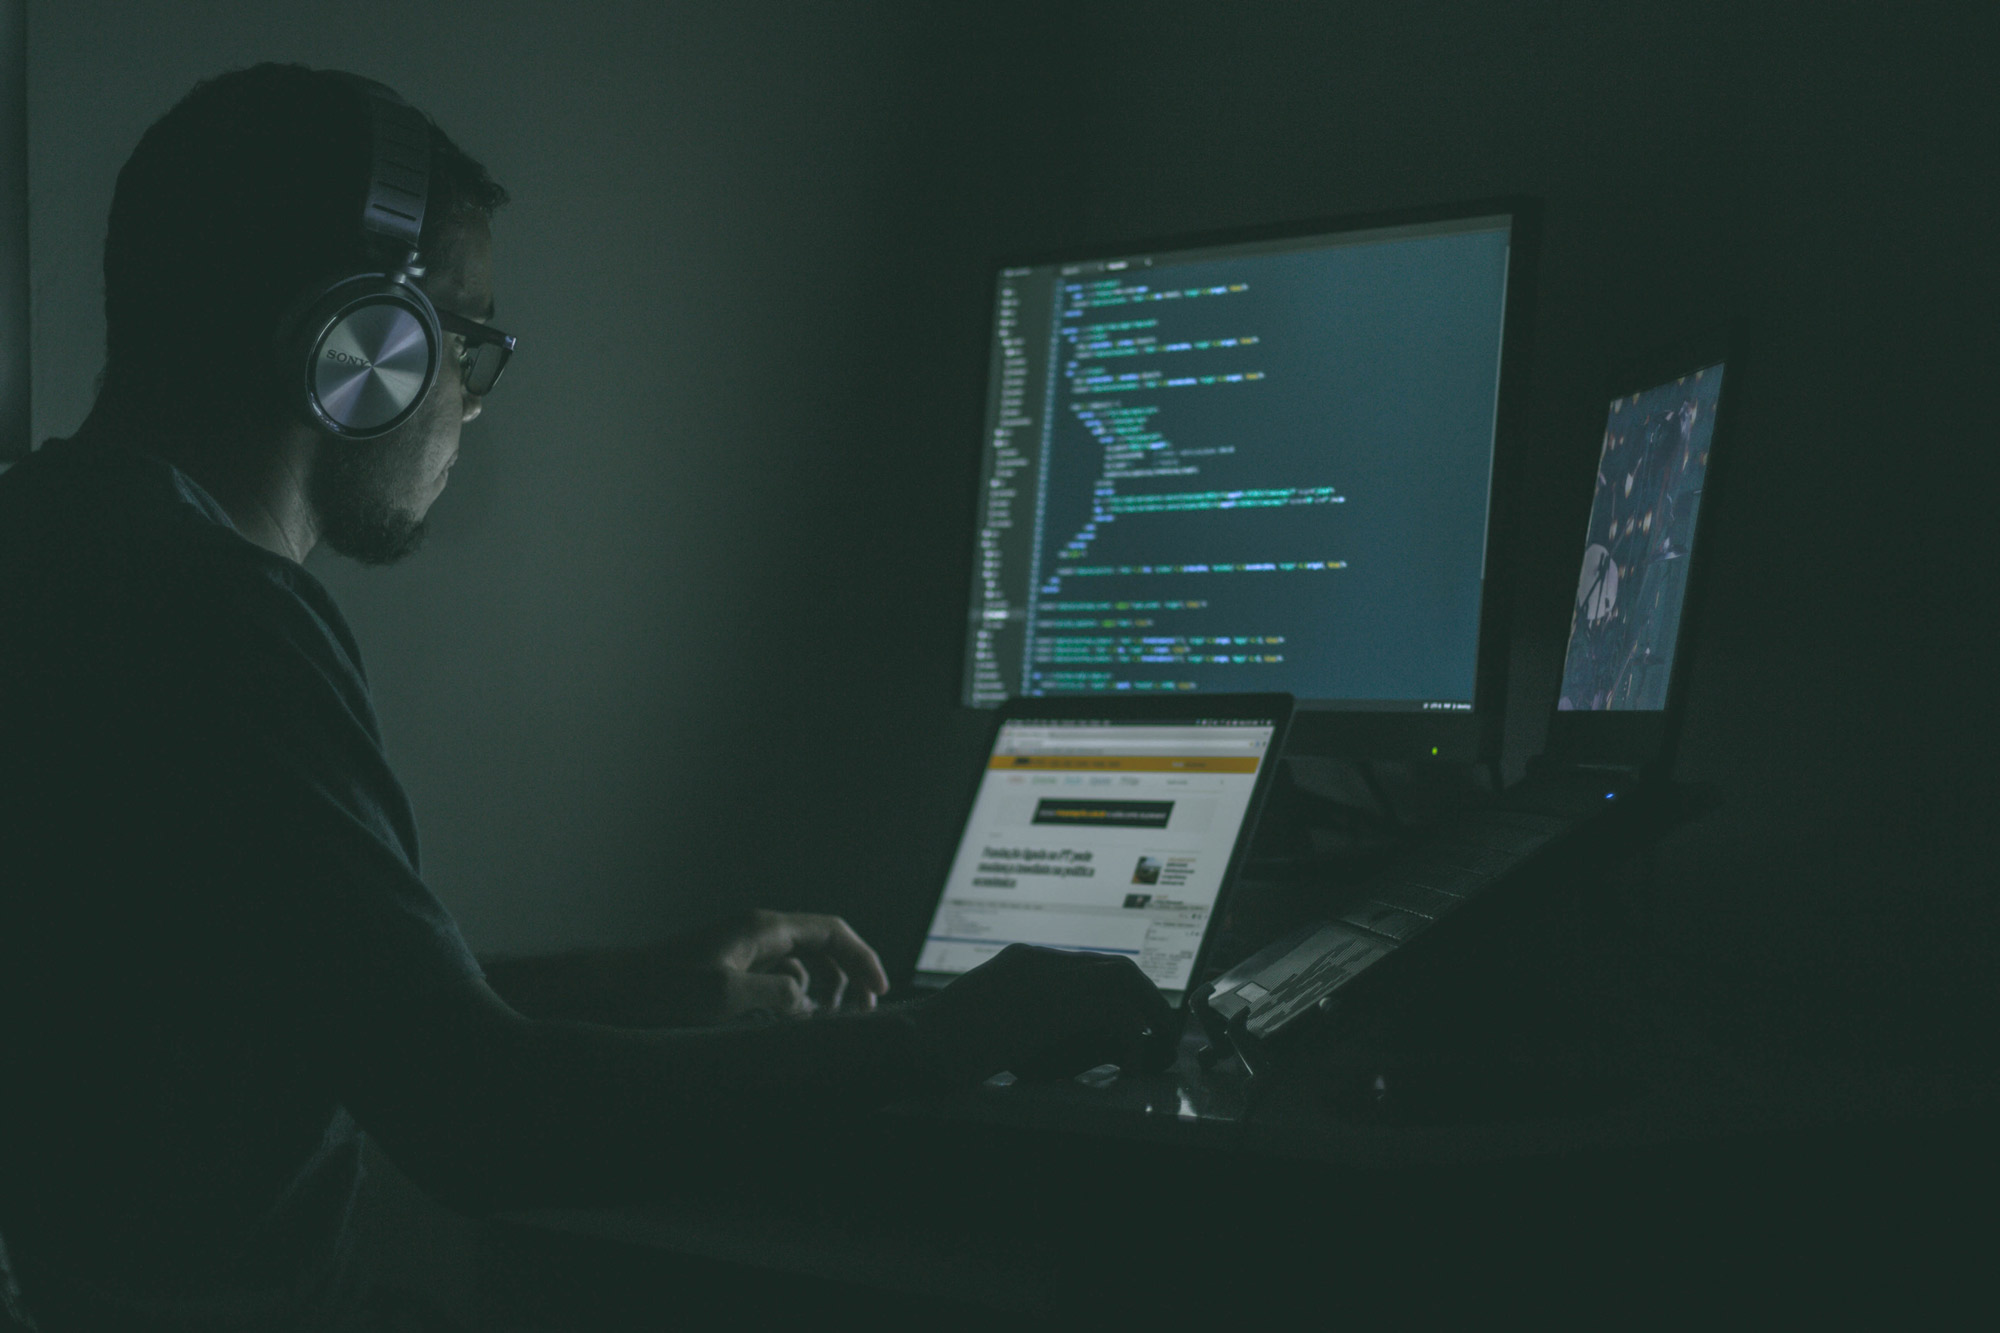 چه زبان برنامهنویسی باید یاد بگیرم؟